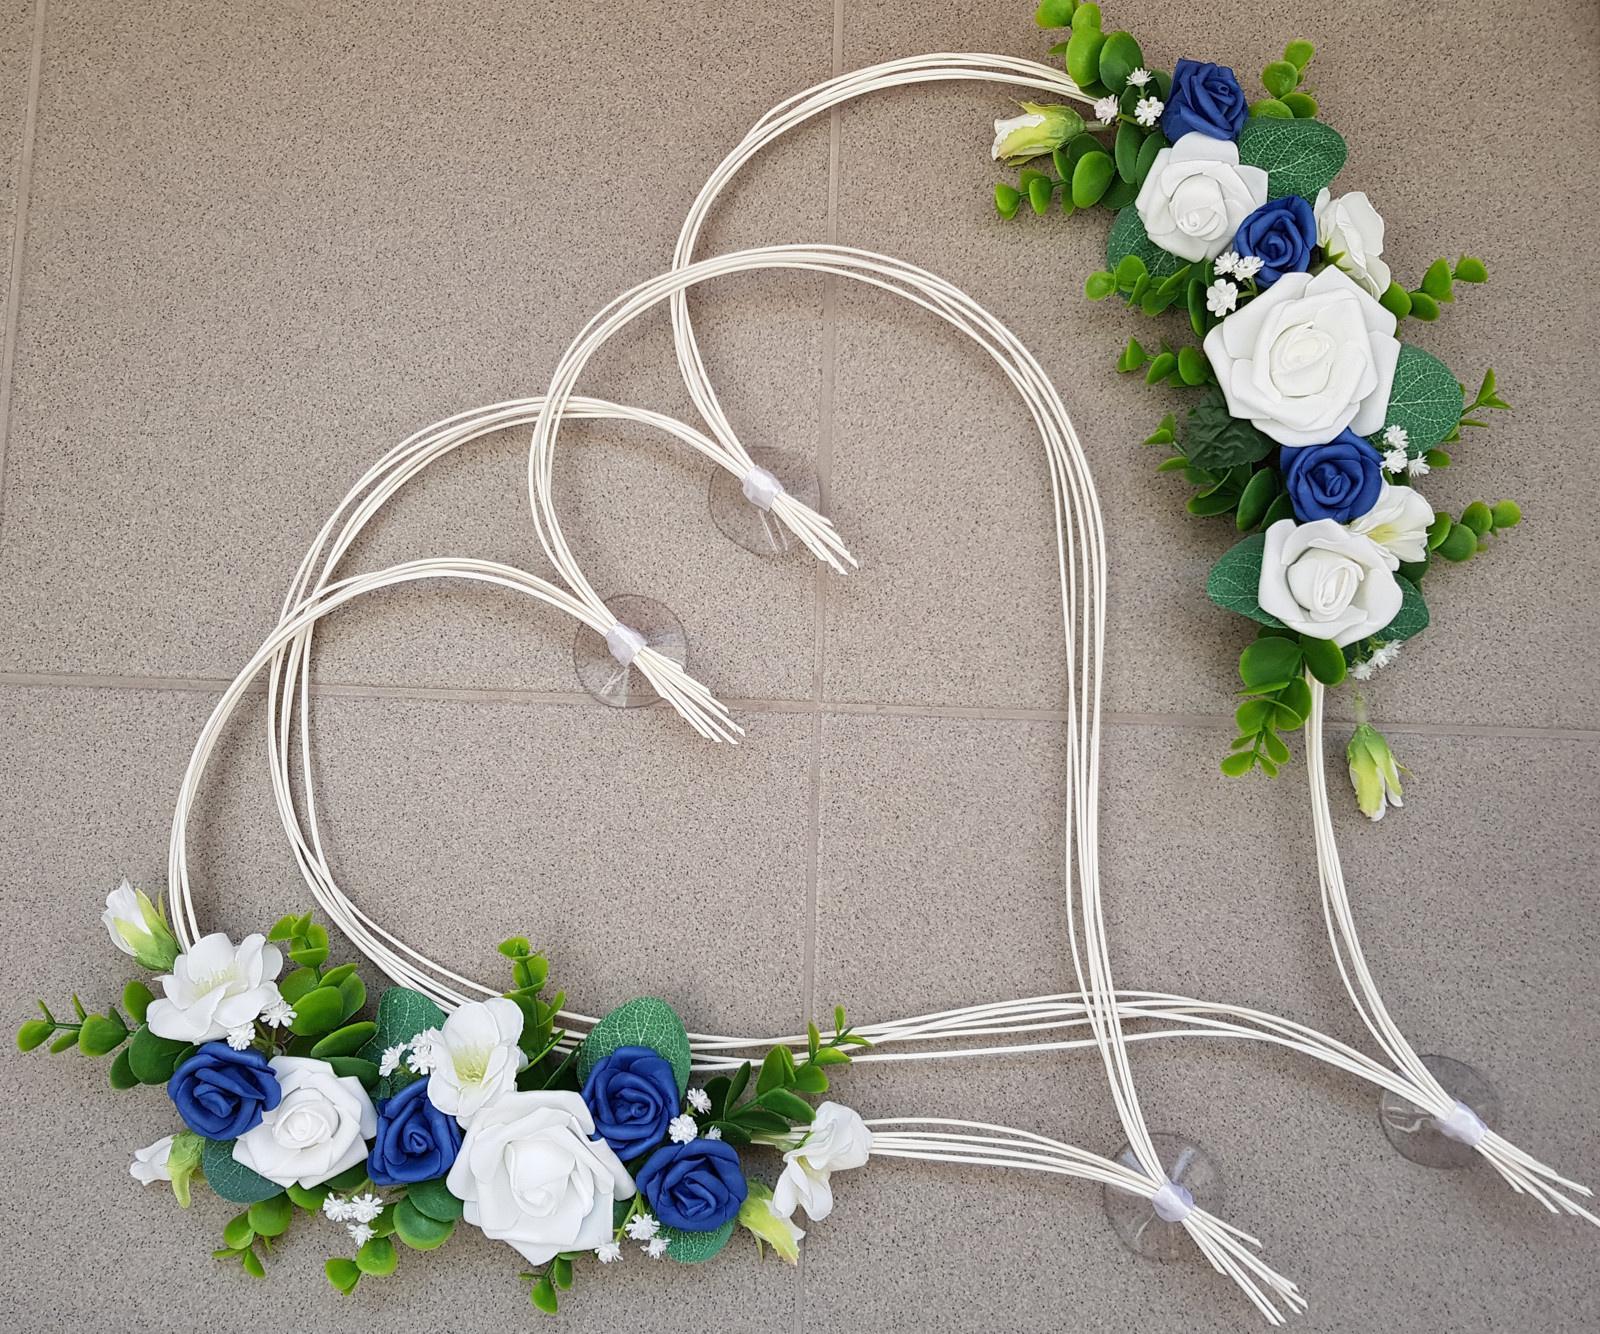 Srdce na kapotu bílá a námořnicky modrá - Obrázek č. 1